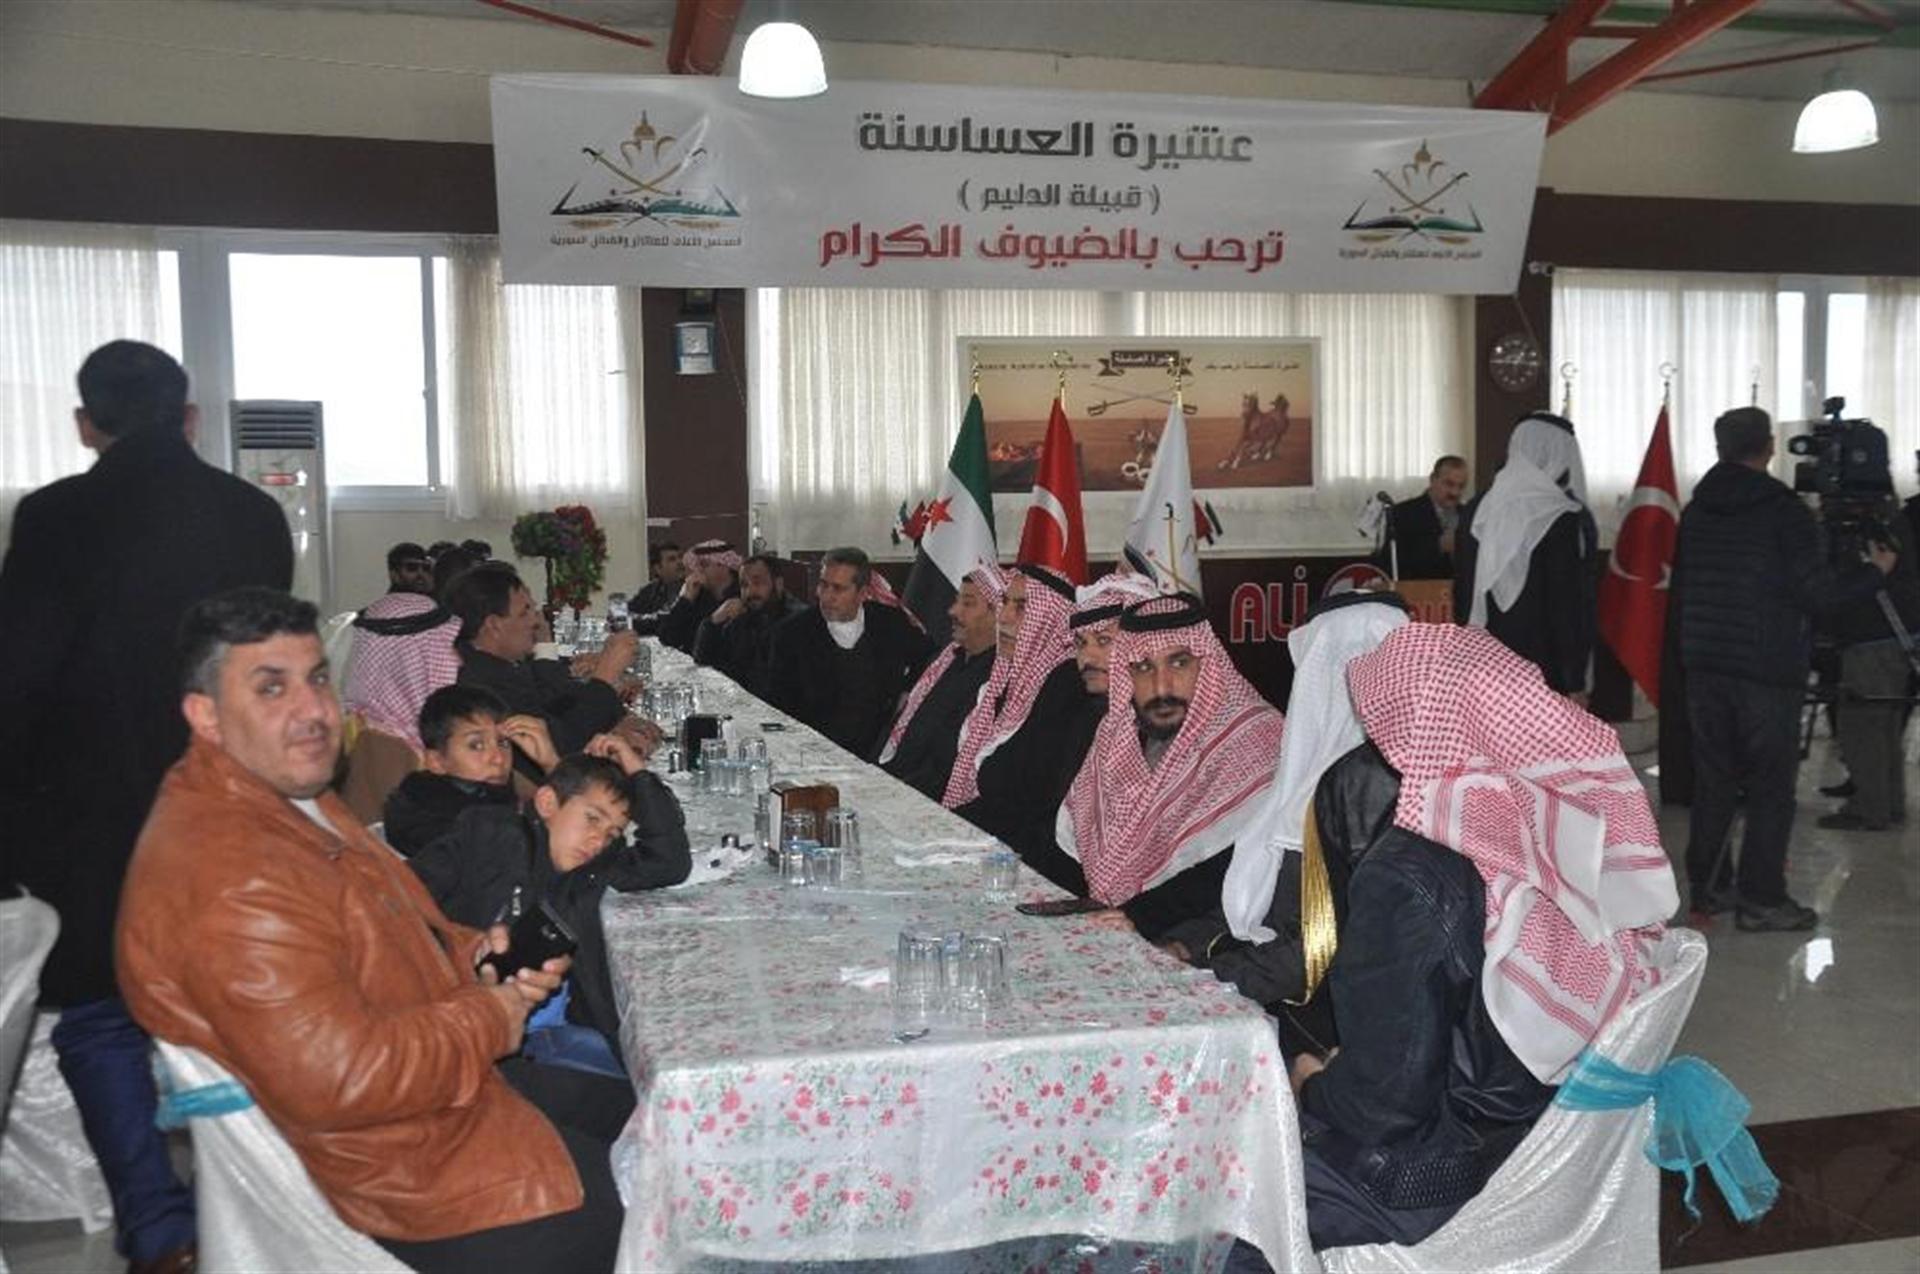 ABD beslemesi aşiret reisleri: Amacımız Esad rejimini devirmek